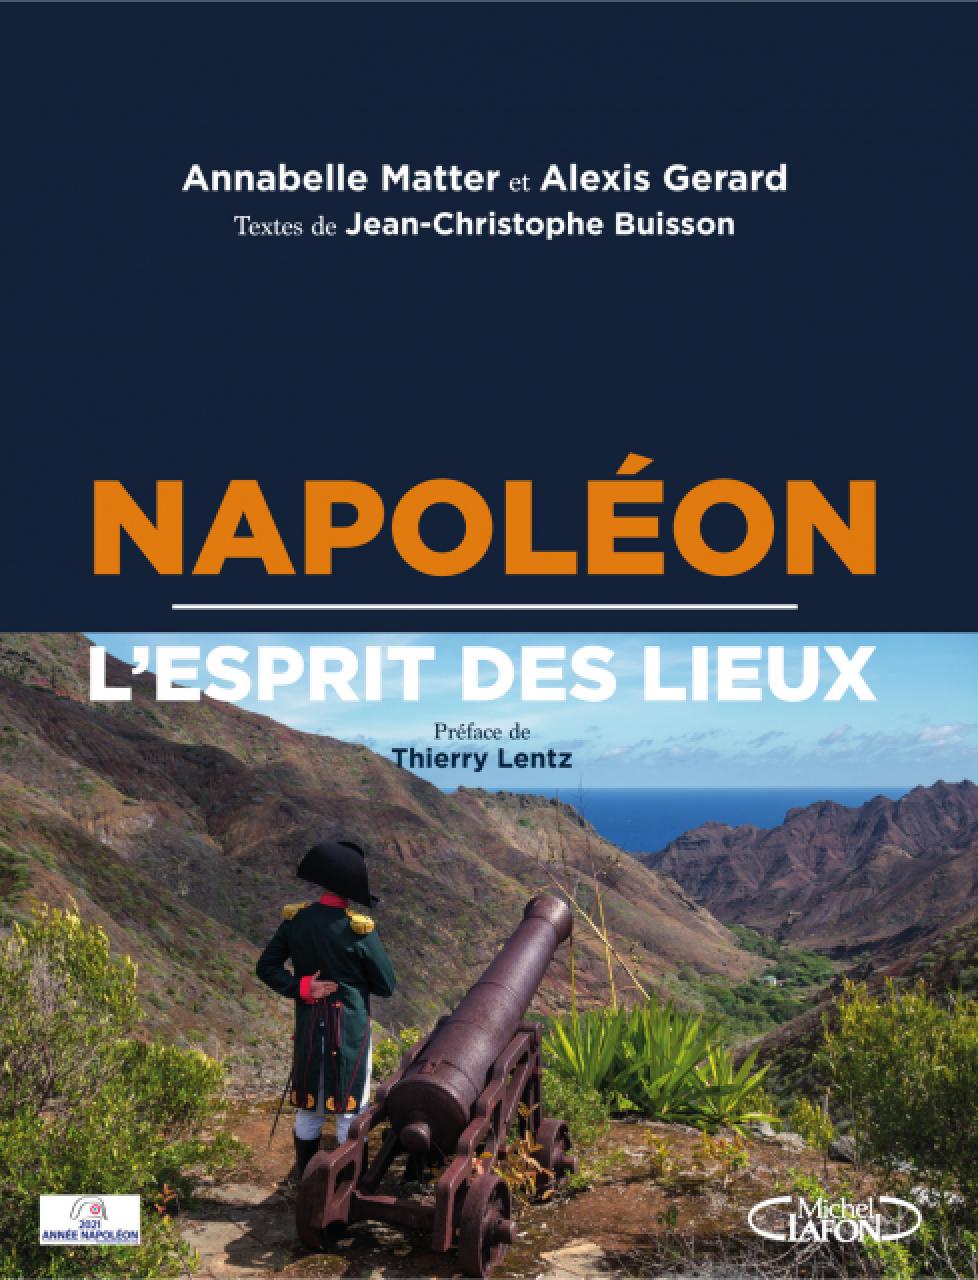 Napoleon_-_L_esprit_des_lieux_hd